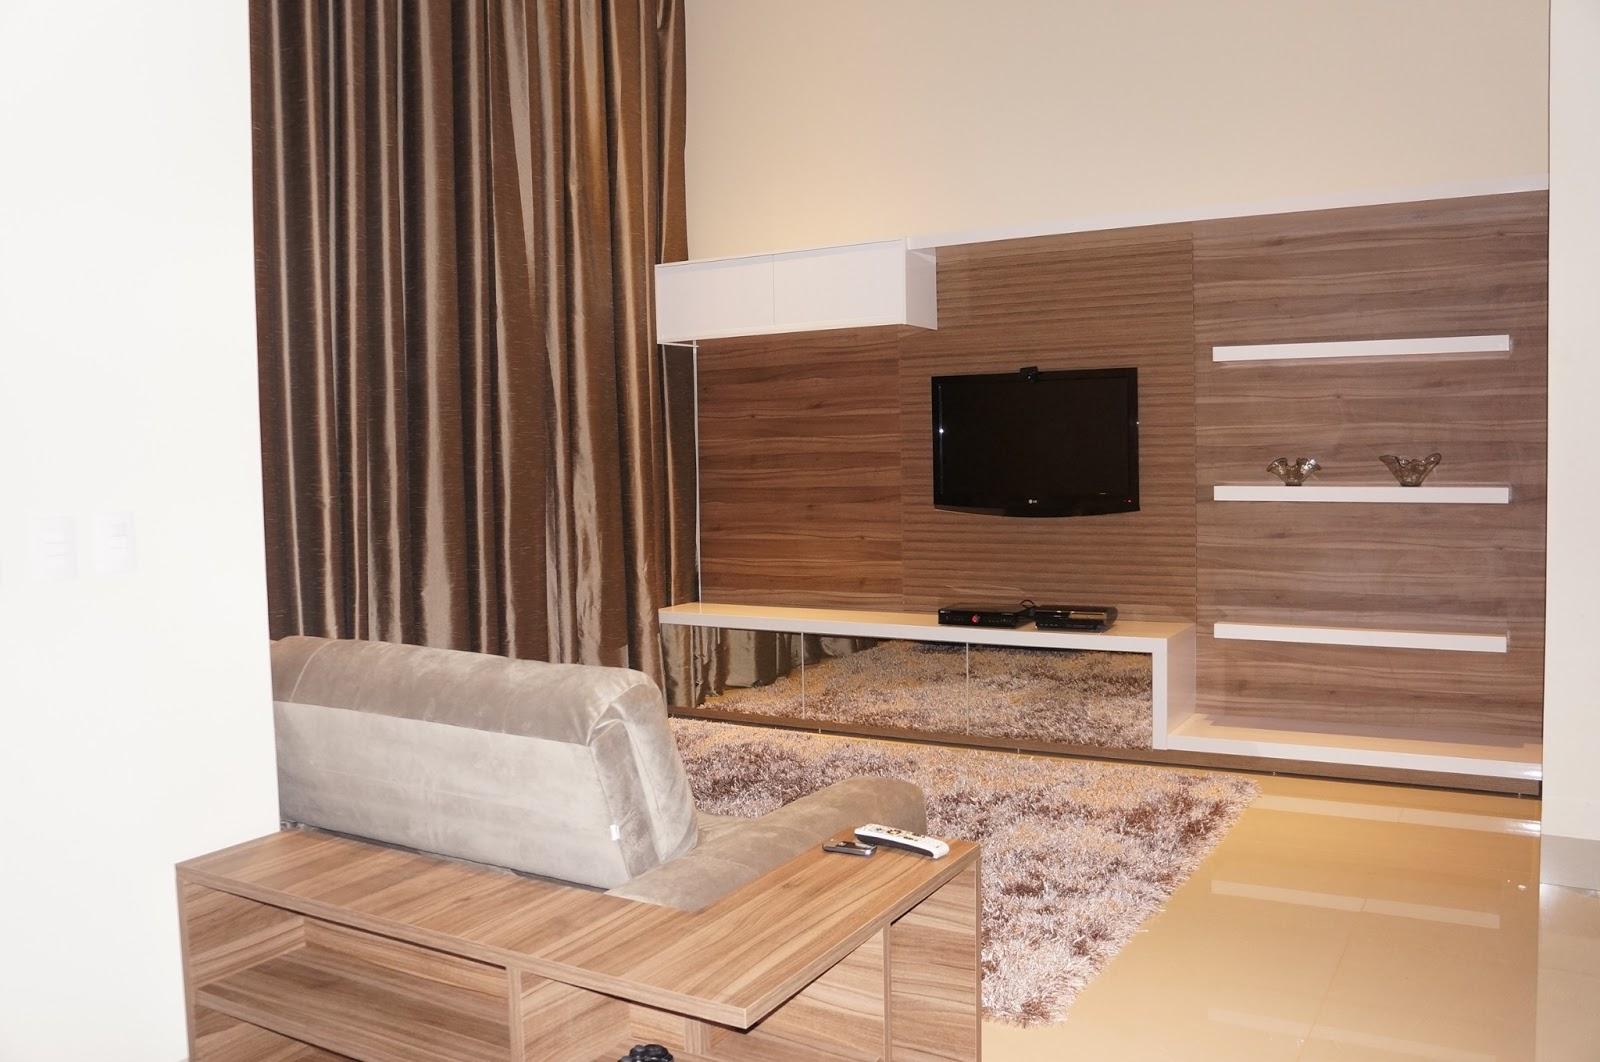 Construindo um Castelinho: Home planejado em sala de pé direito duplo #90633B 1600x1062